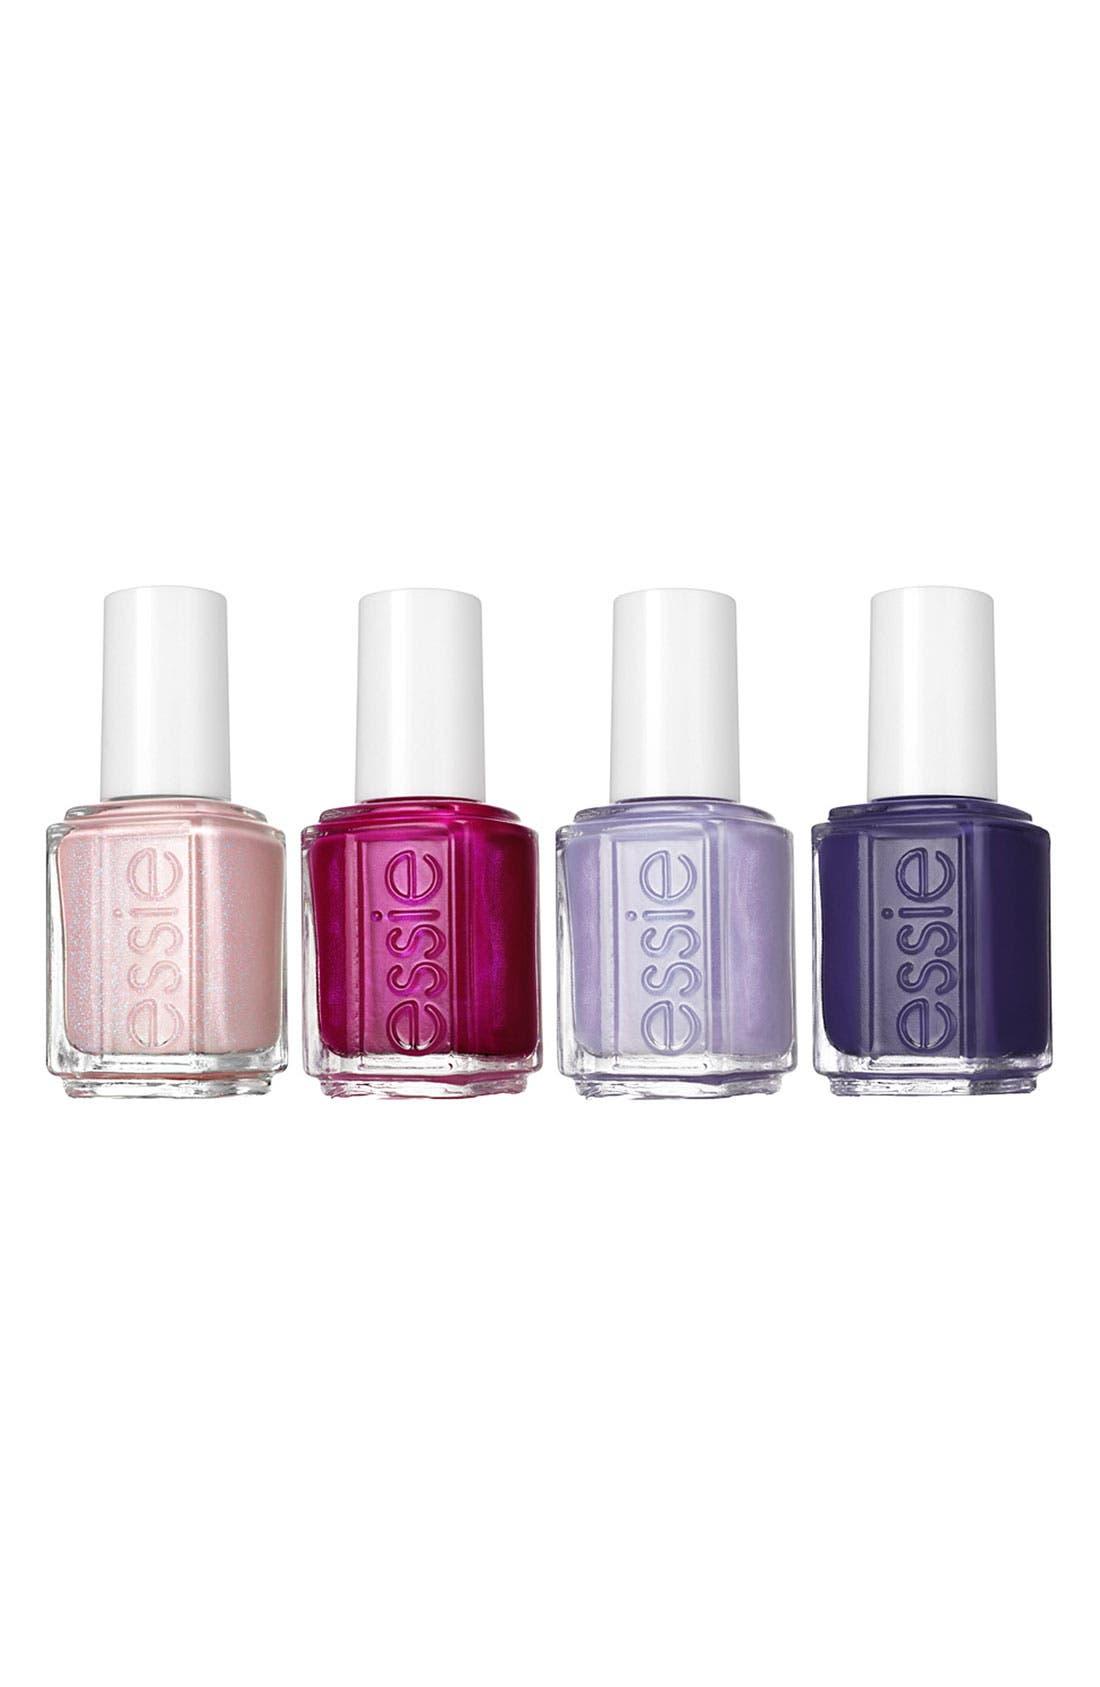 Nail Polish - Pinks,                             Main thumbnail 1, color,                             502